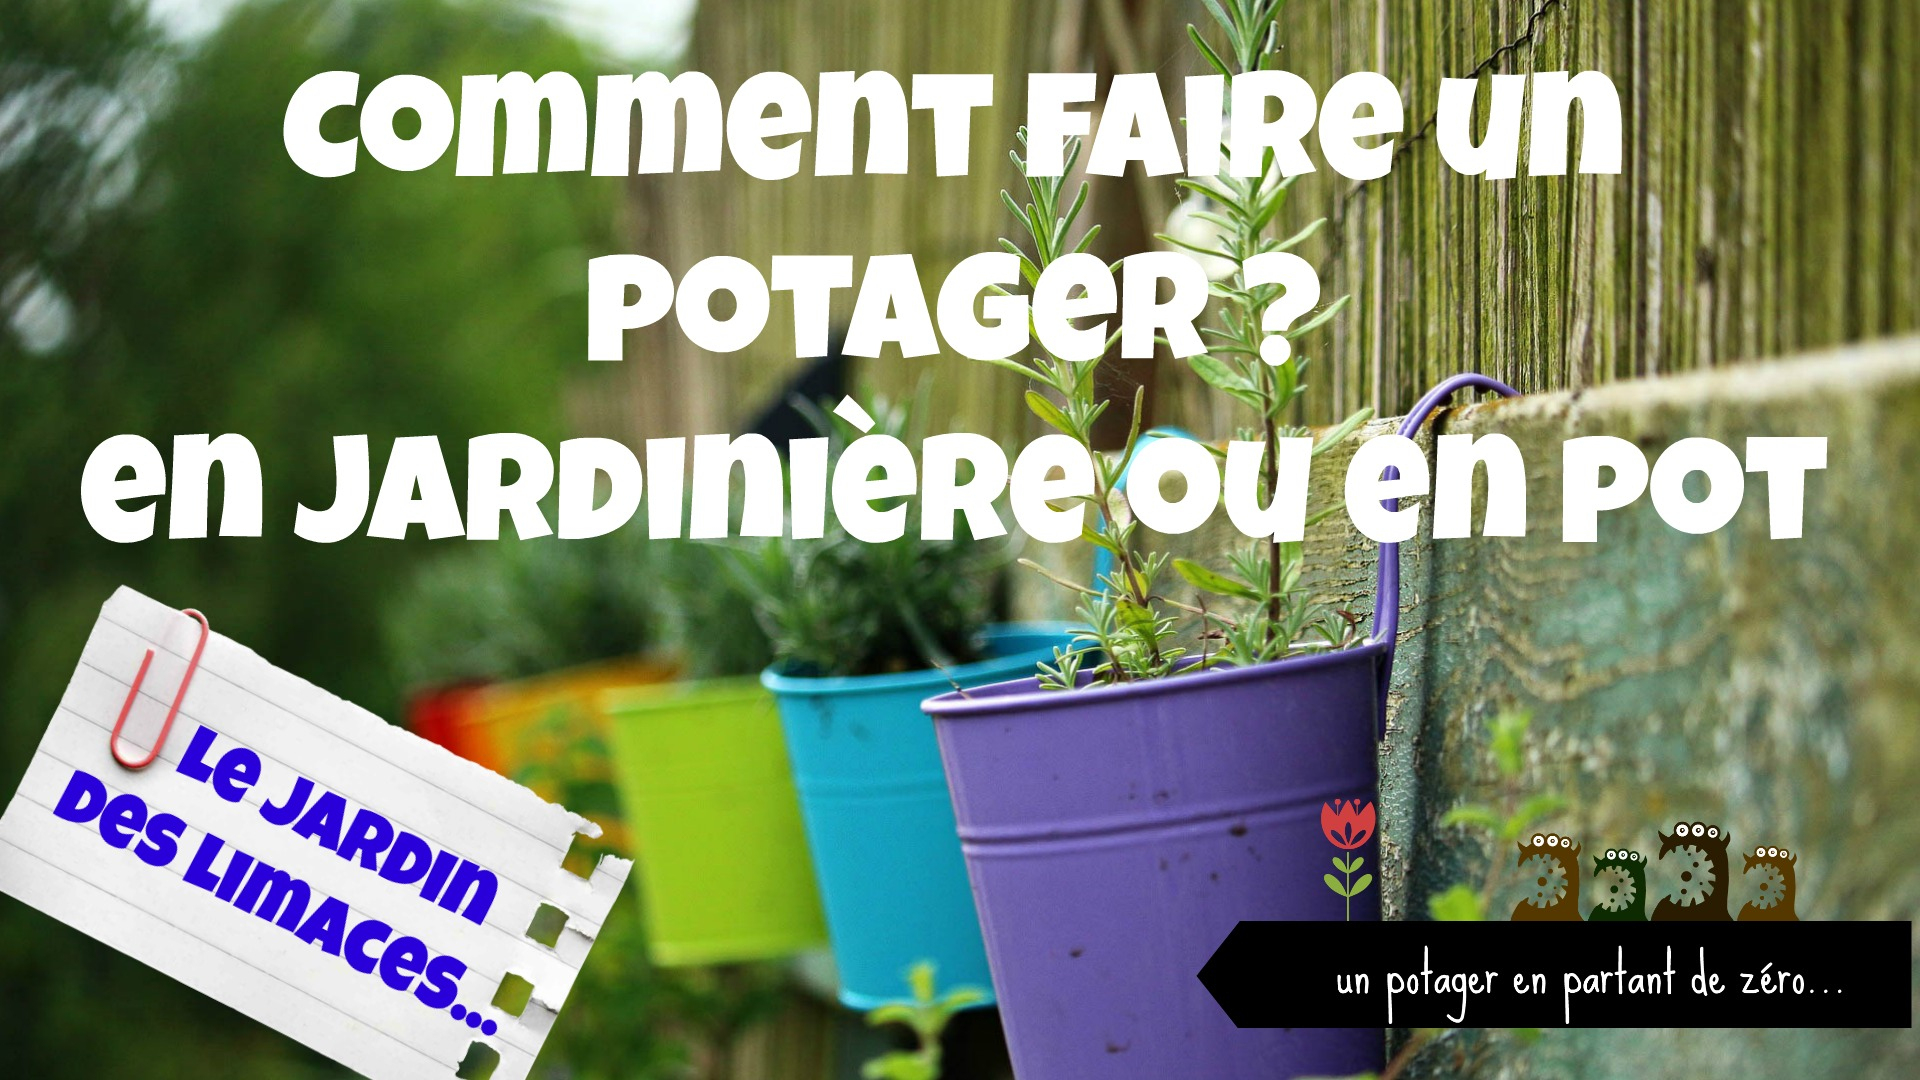 Comment Faire Un Potager : En Jardinière Ou En Pot dedans Jardin En Pots Potager